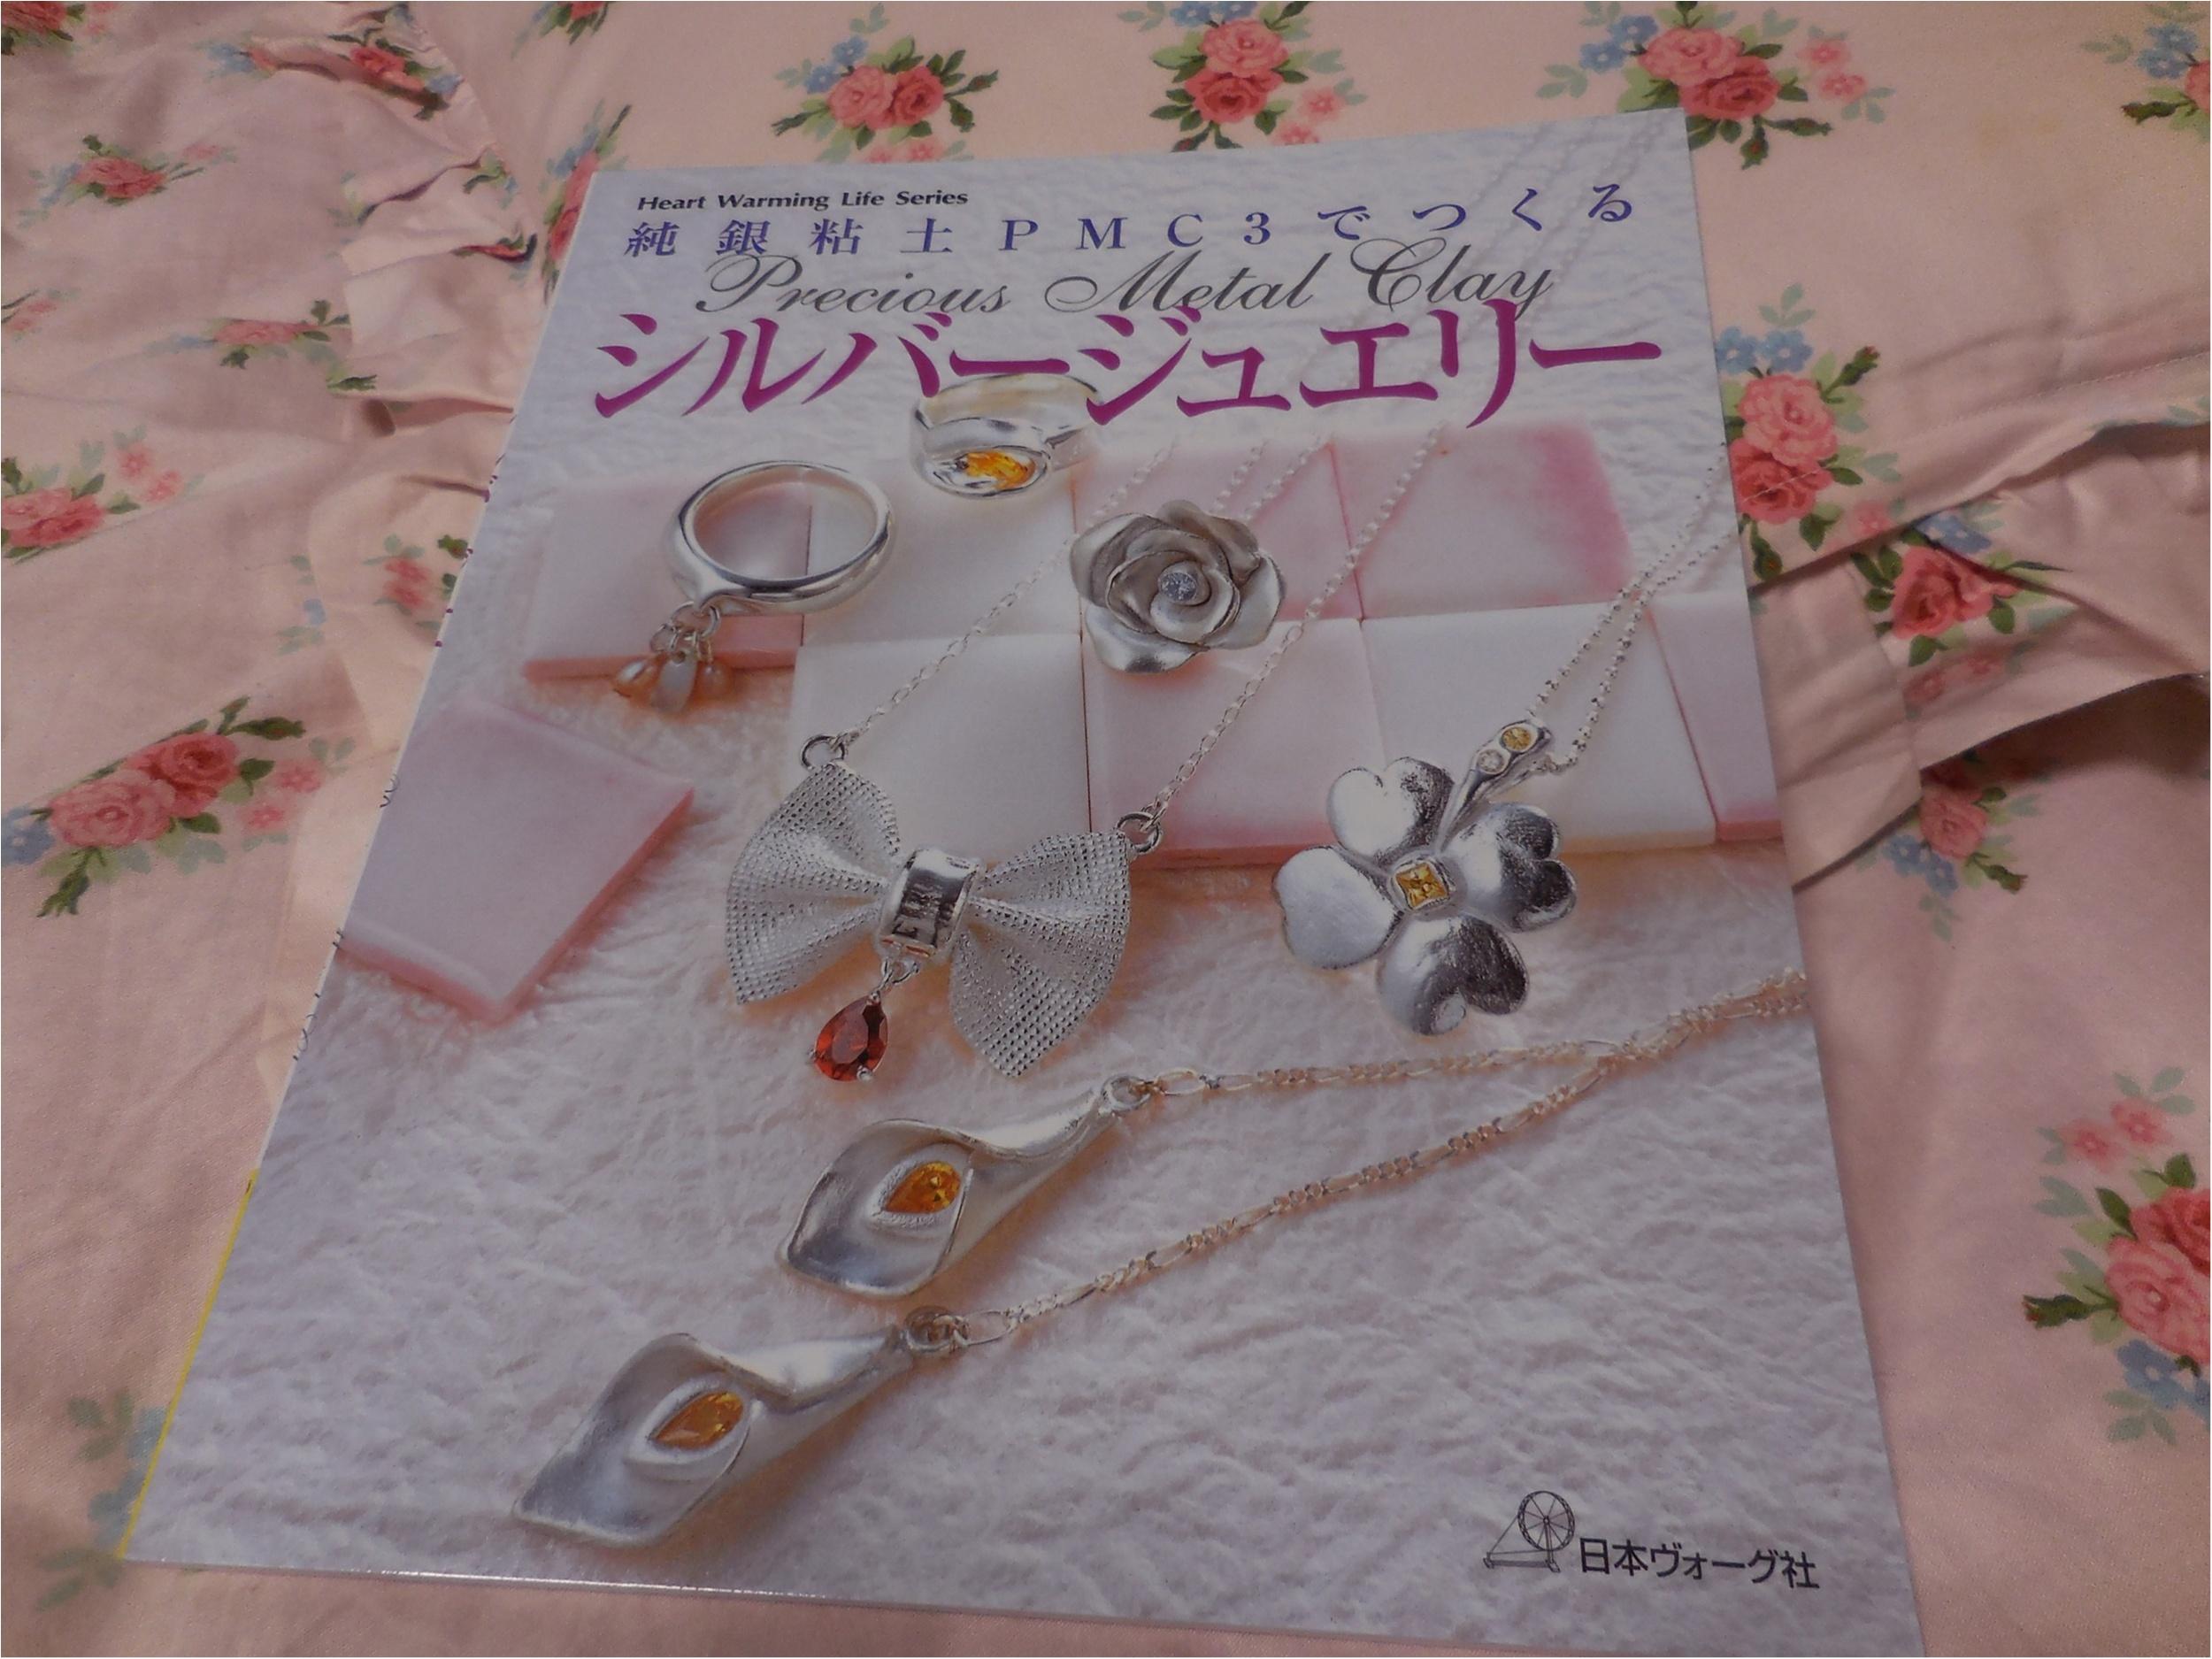 【ケユカ】純銀粘土で作るペンダントワークショップに参加してきました。その後、ネックレスチェーンを通し完成。_1